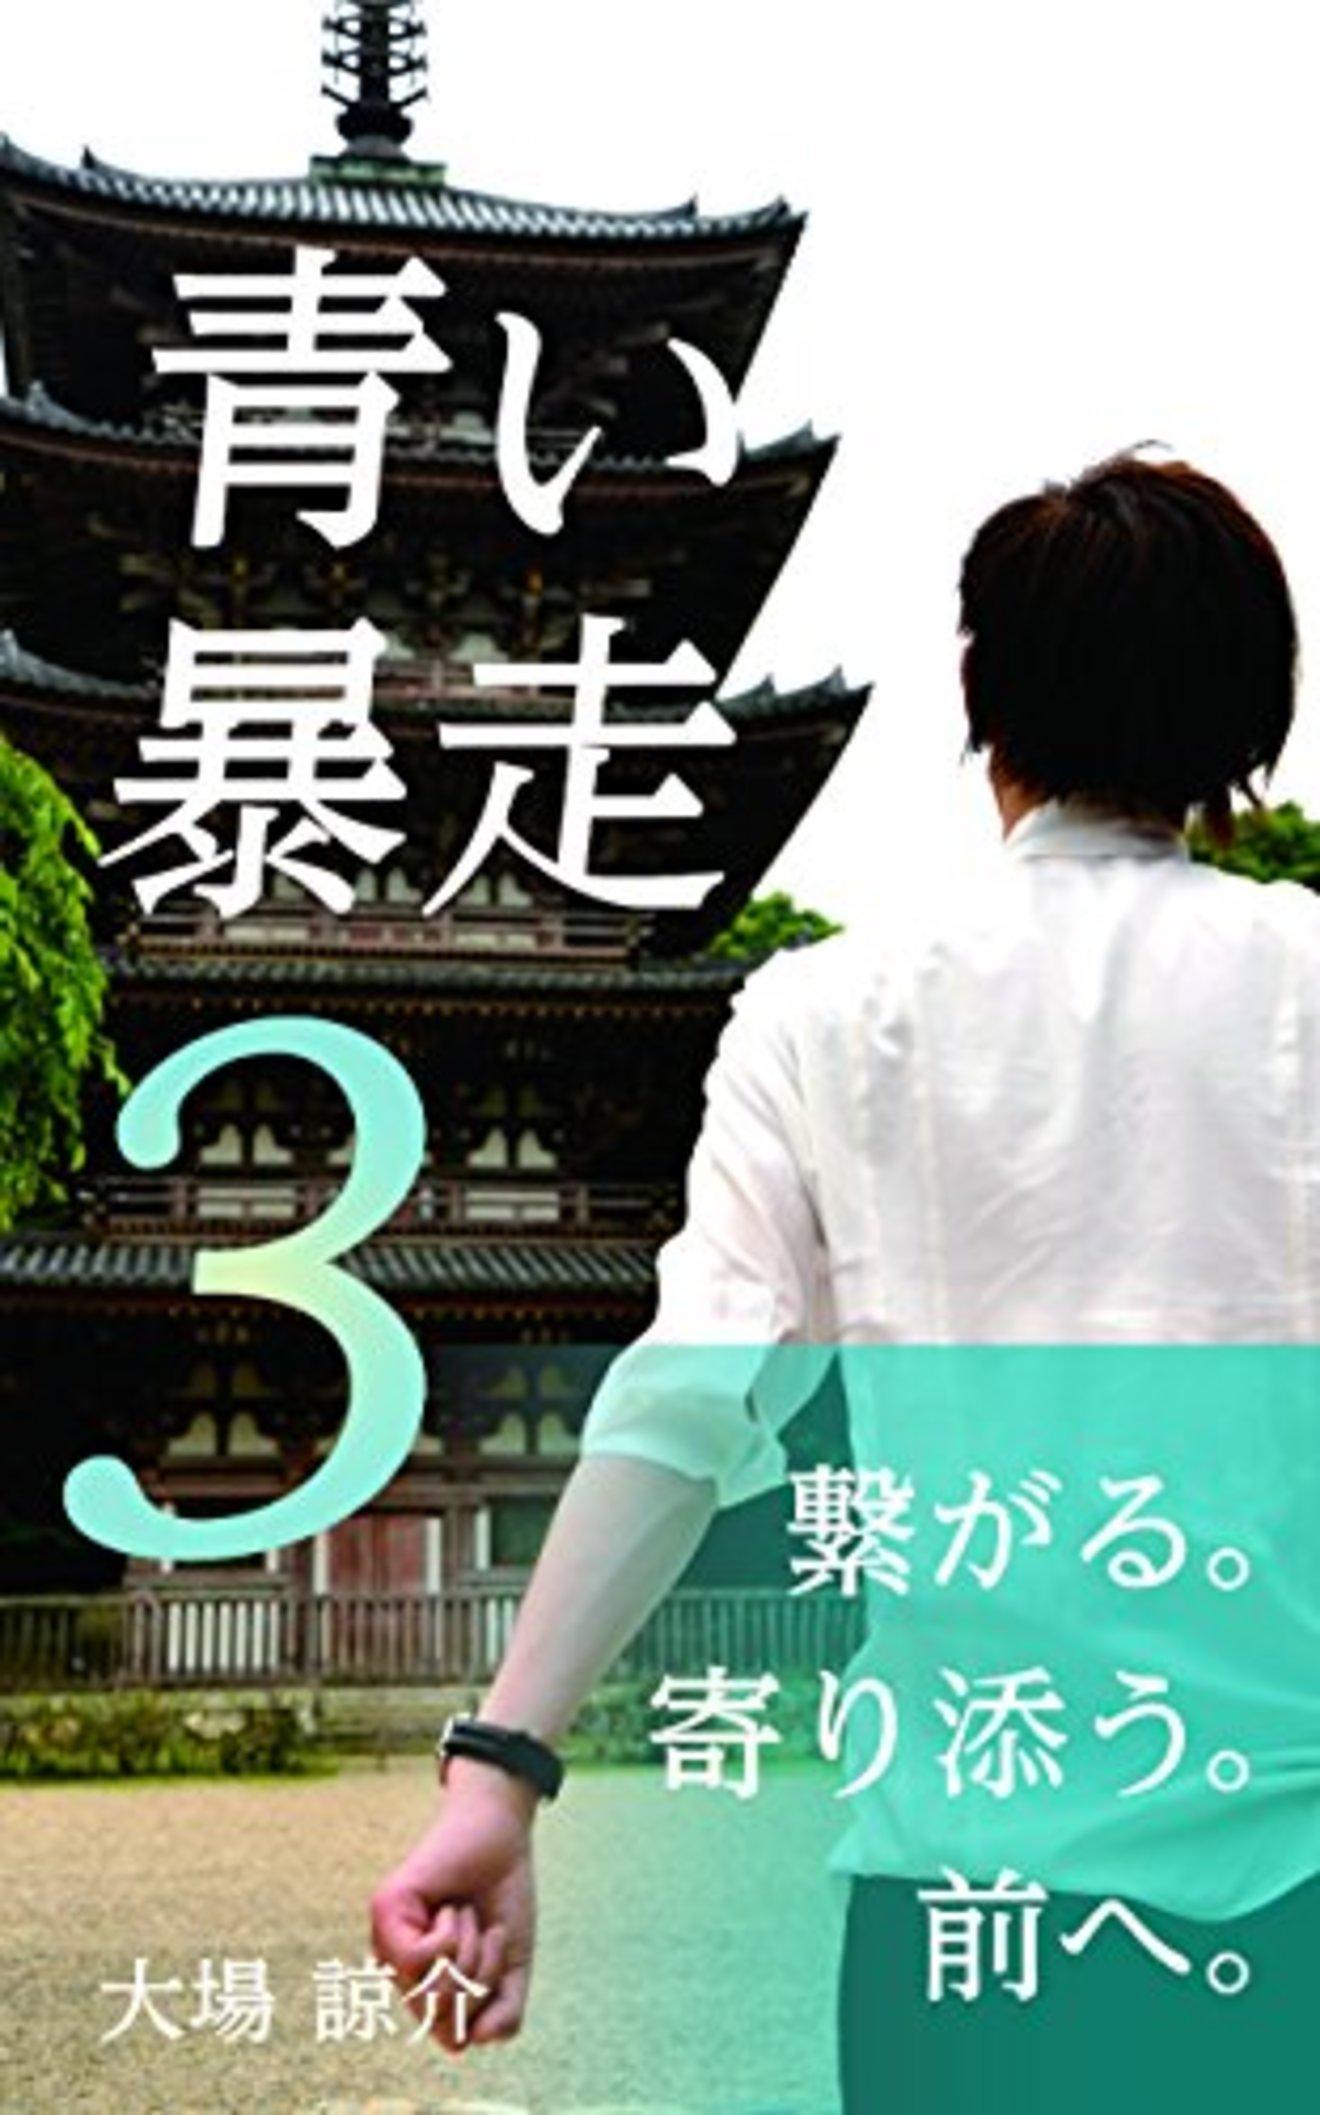 【連載小説】「ロマンティックが終わる時」第19話【毎朝6時更新】